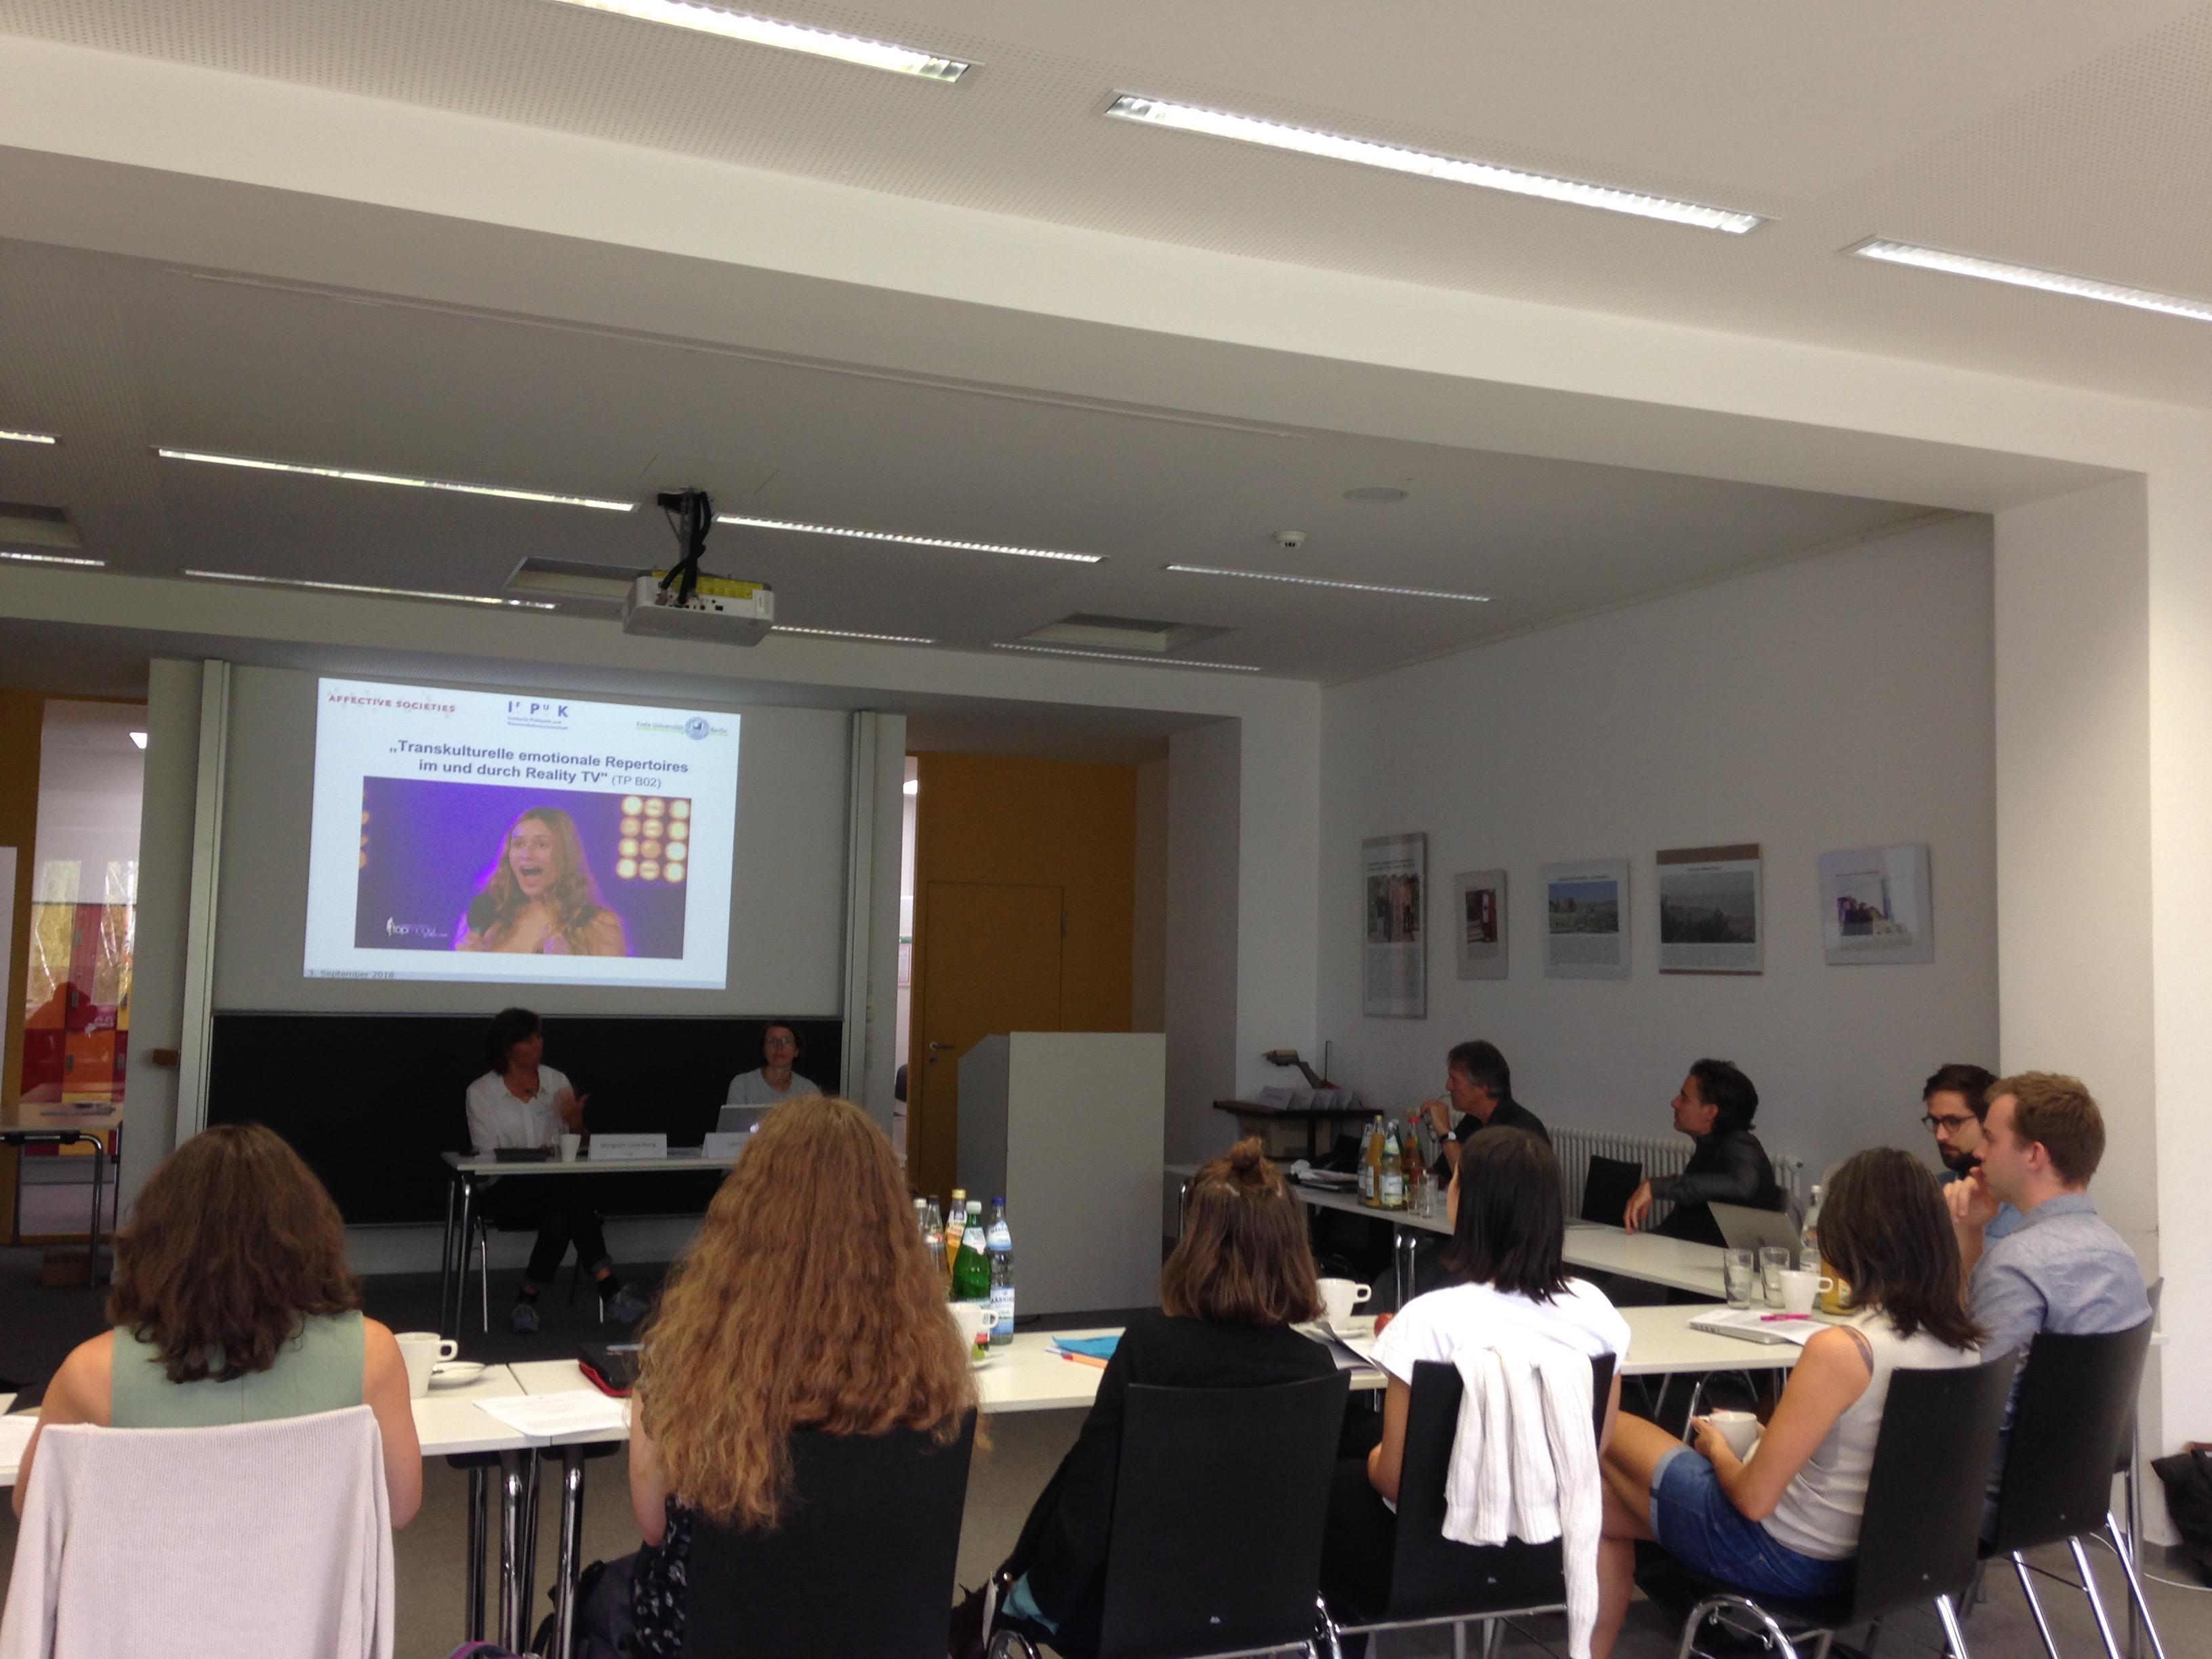 Teilnehmer_innen während des Vortrags von Margreth Lünenborg und Laura Sūna. Bildquelle: Débora Medeiros